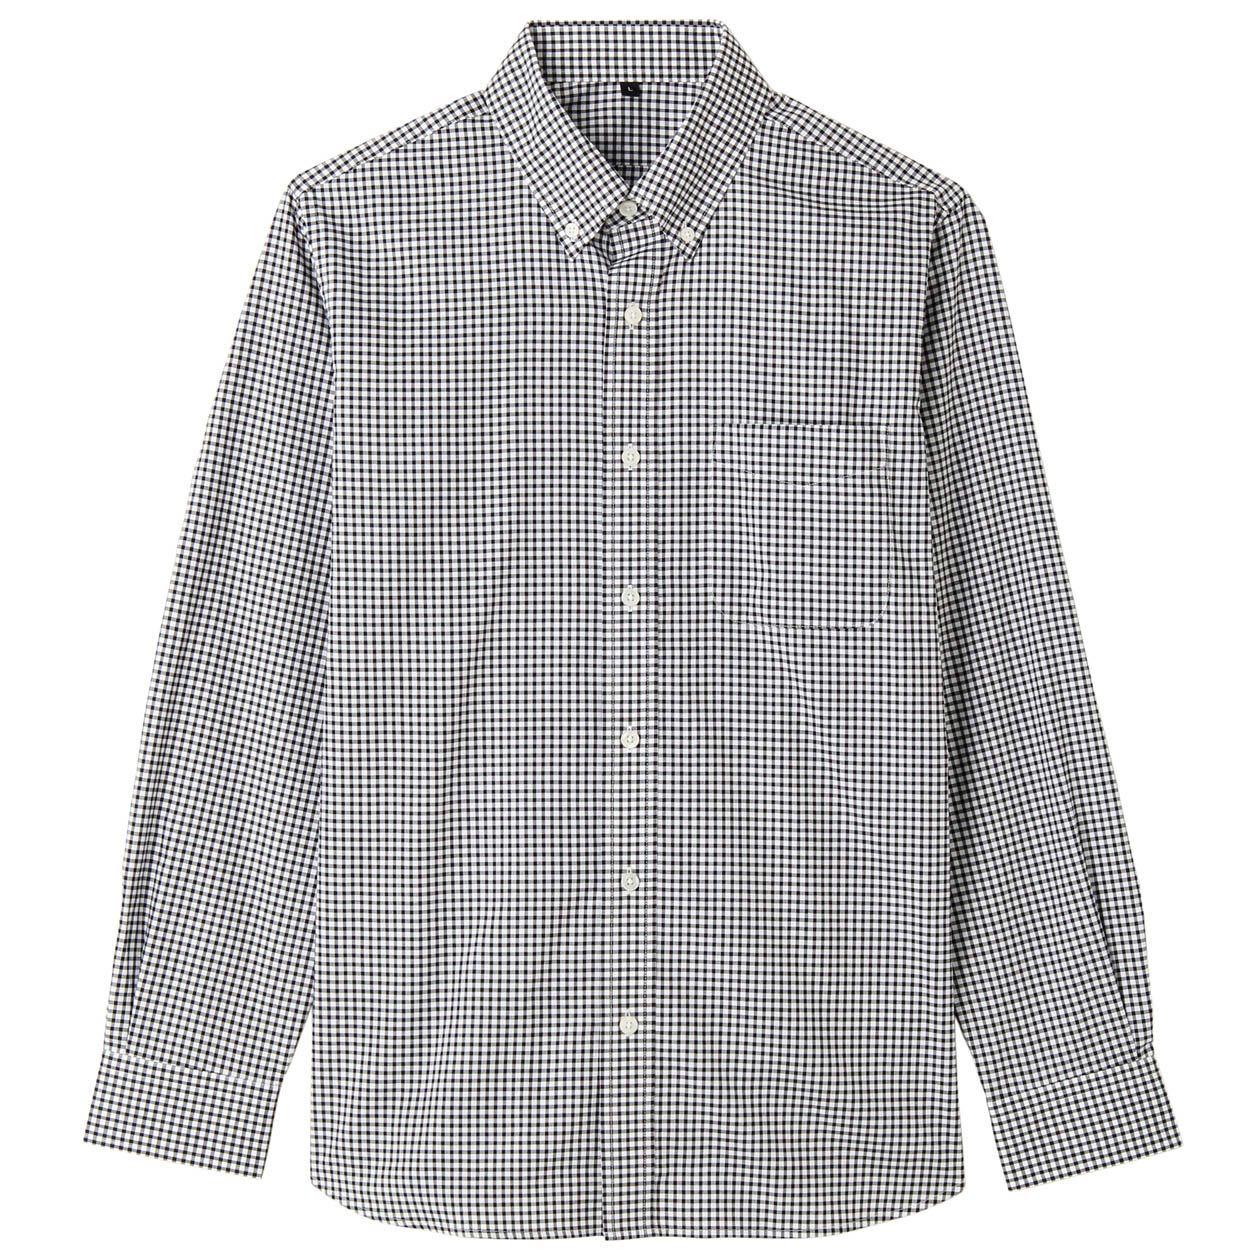 MUJI 无印良品 M4AC713 男士衬衫